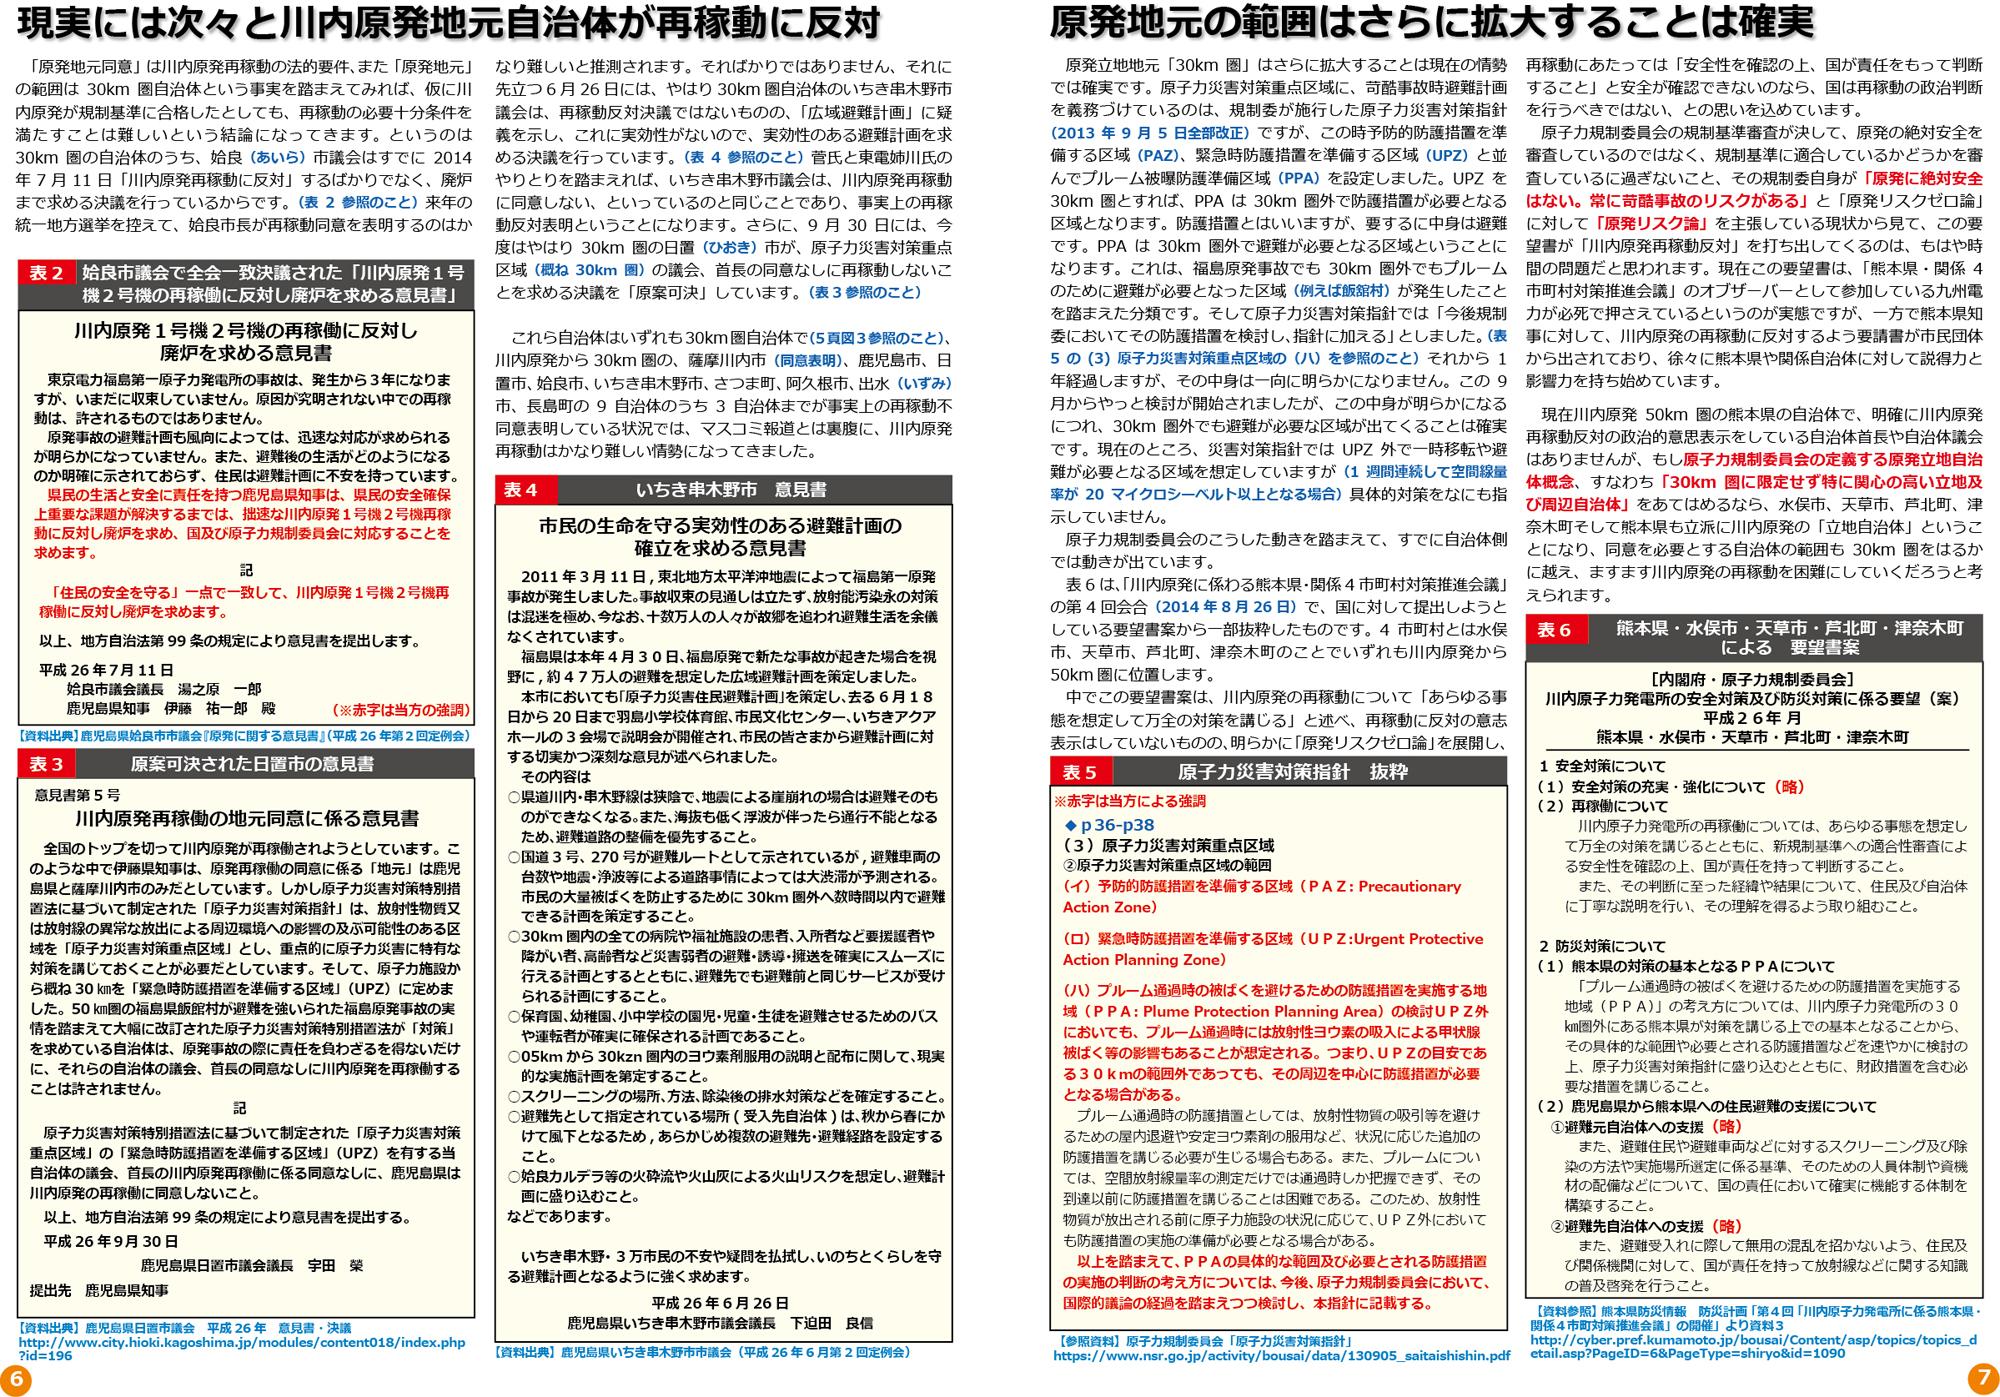 ファイル 377-4.jpg